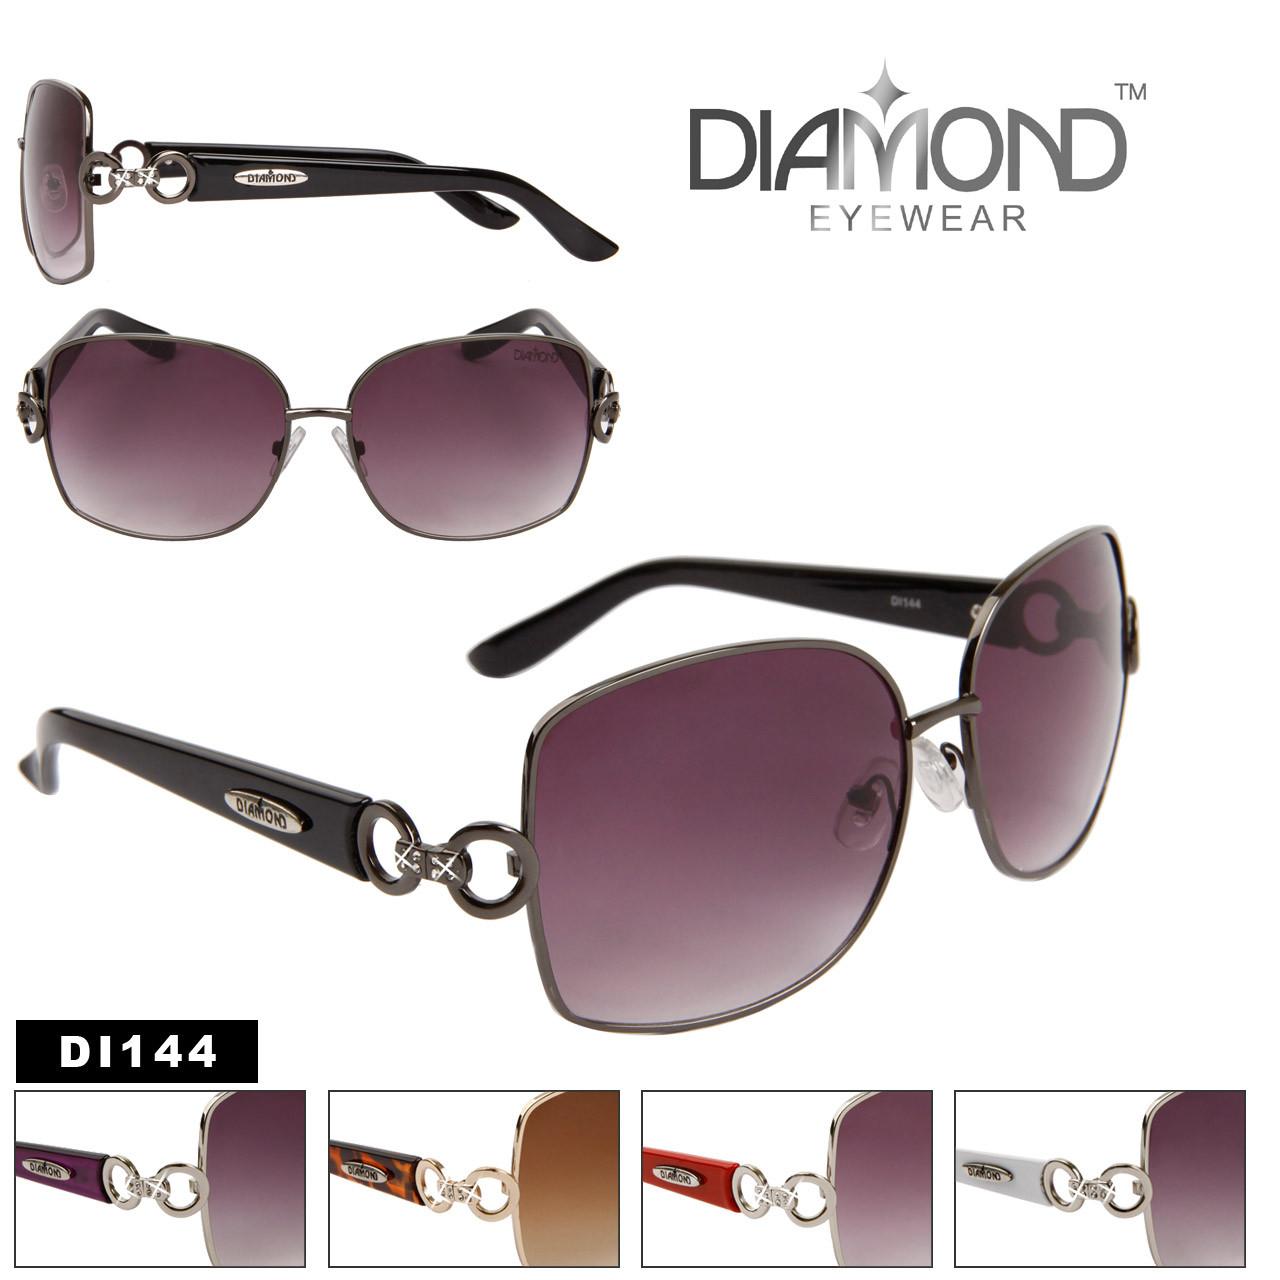 a711a76de3579 Diamond™ Rhinestone Sunglasses by the Dozen - Style   DI144 (12 pcs.)